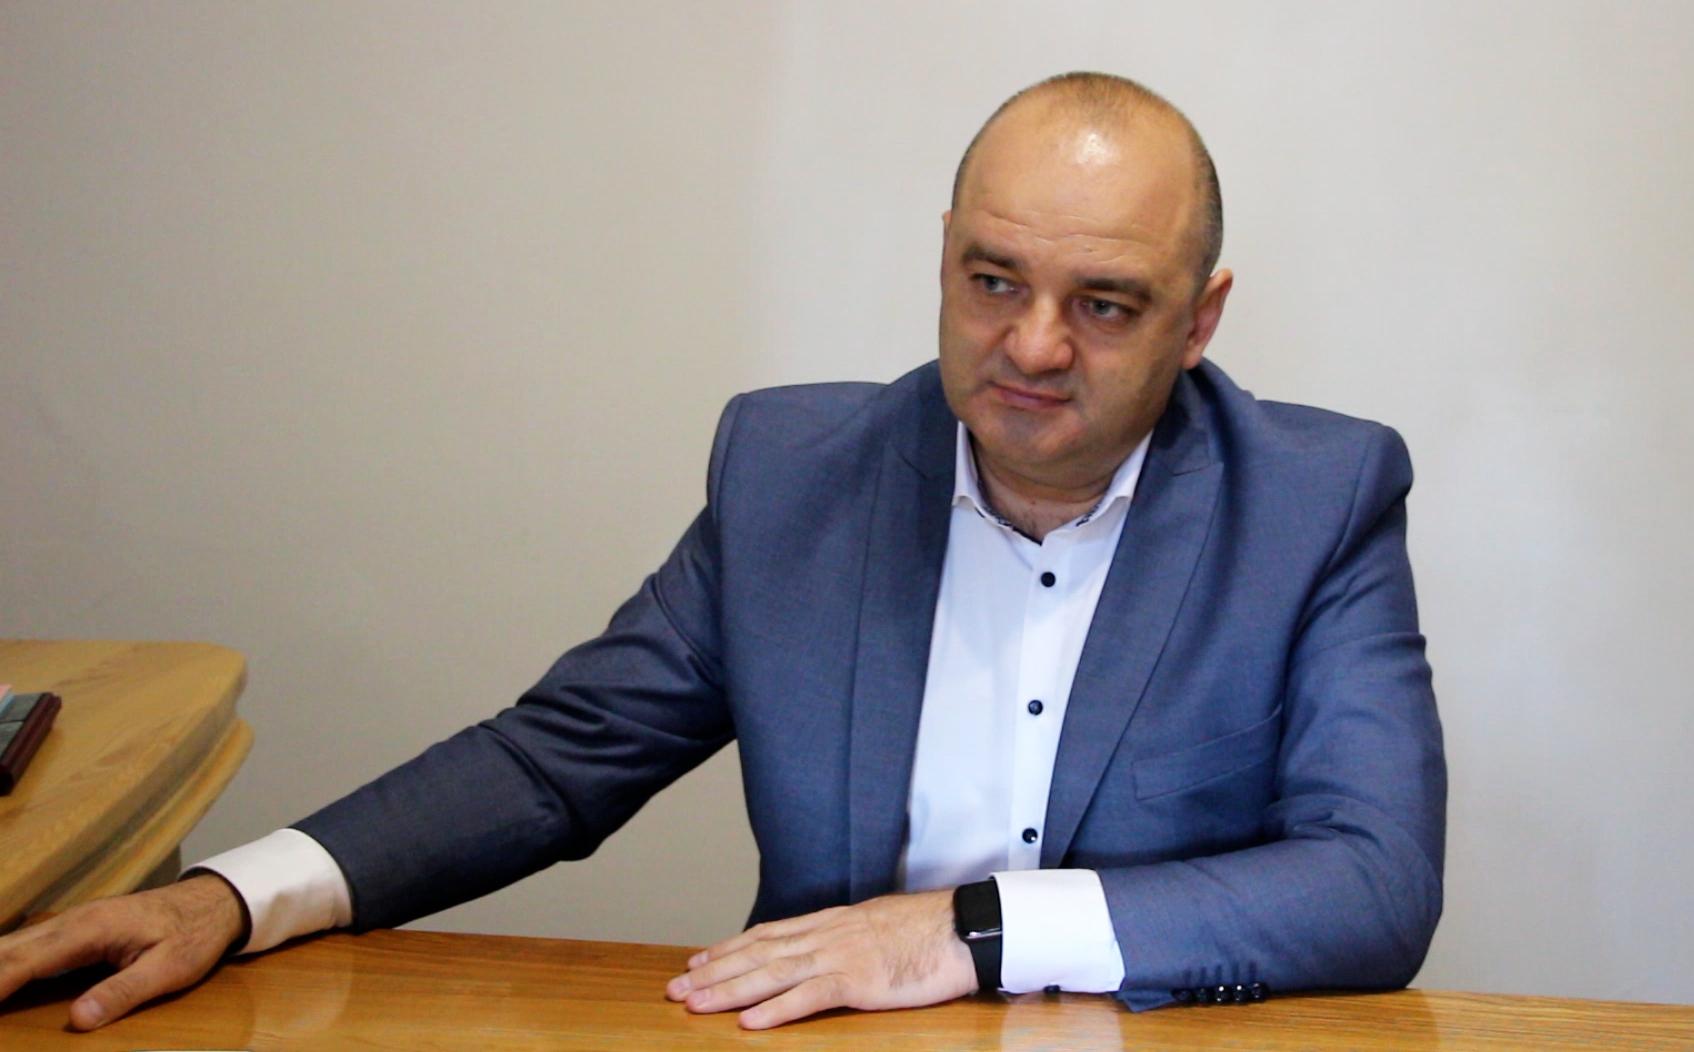 Франківські лаборанти допомогли колегам з інших областей України у тестуванні на COVID-19